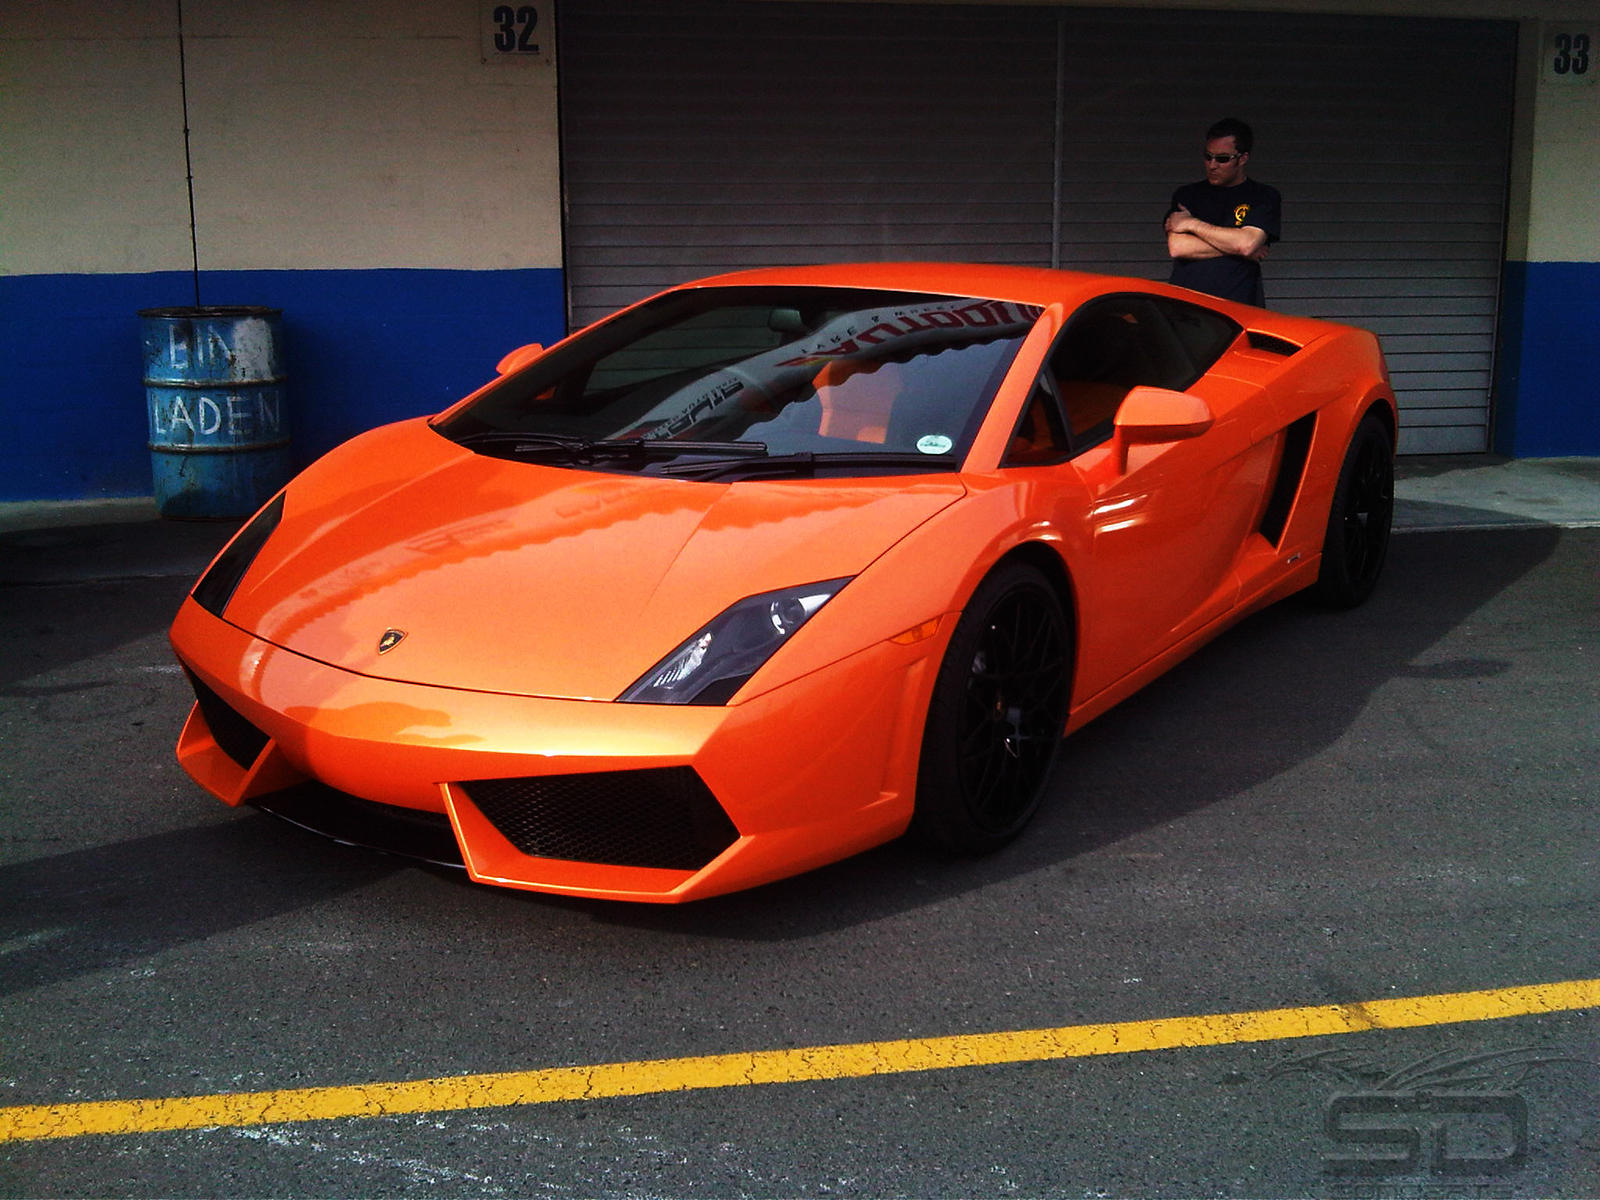 ... Lamborghini Gallardo LP560 4 By Matkeevog